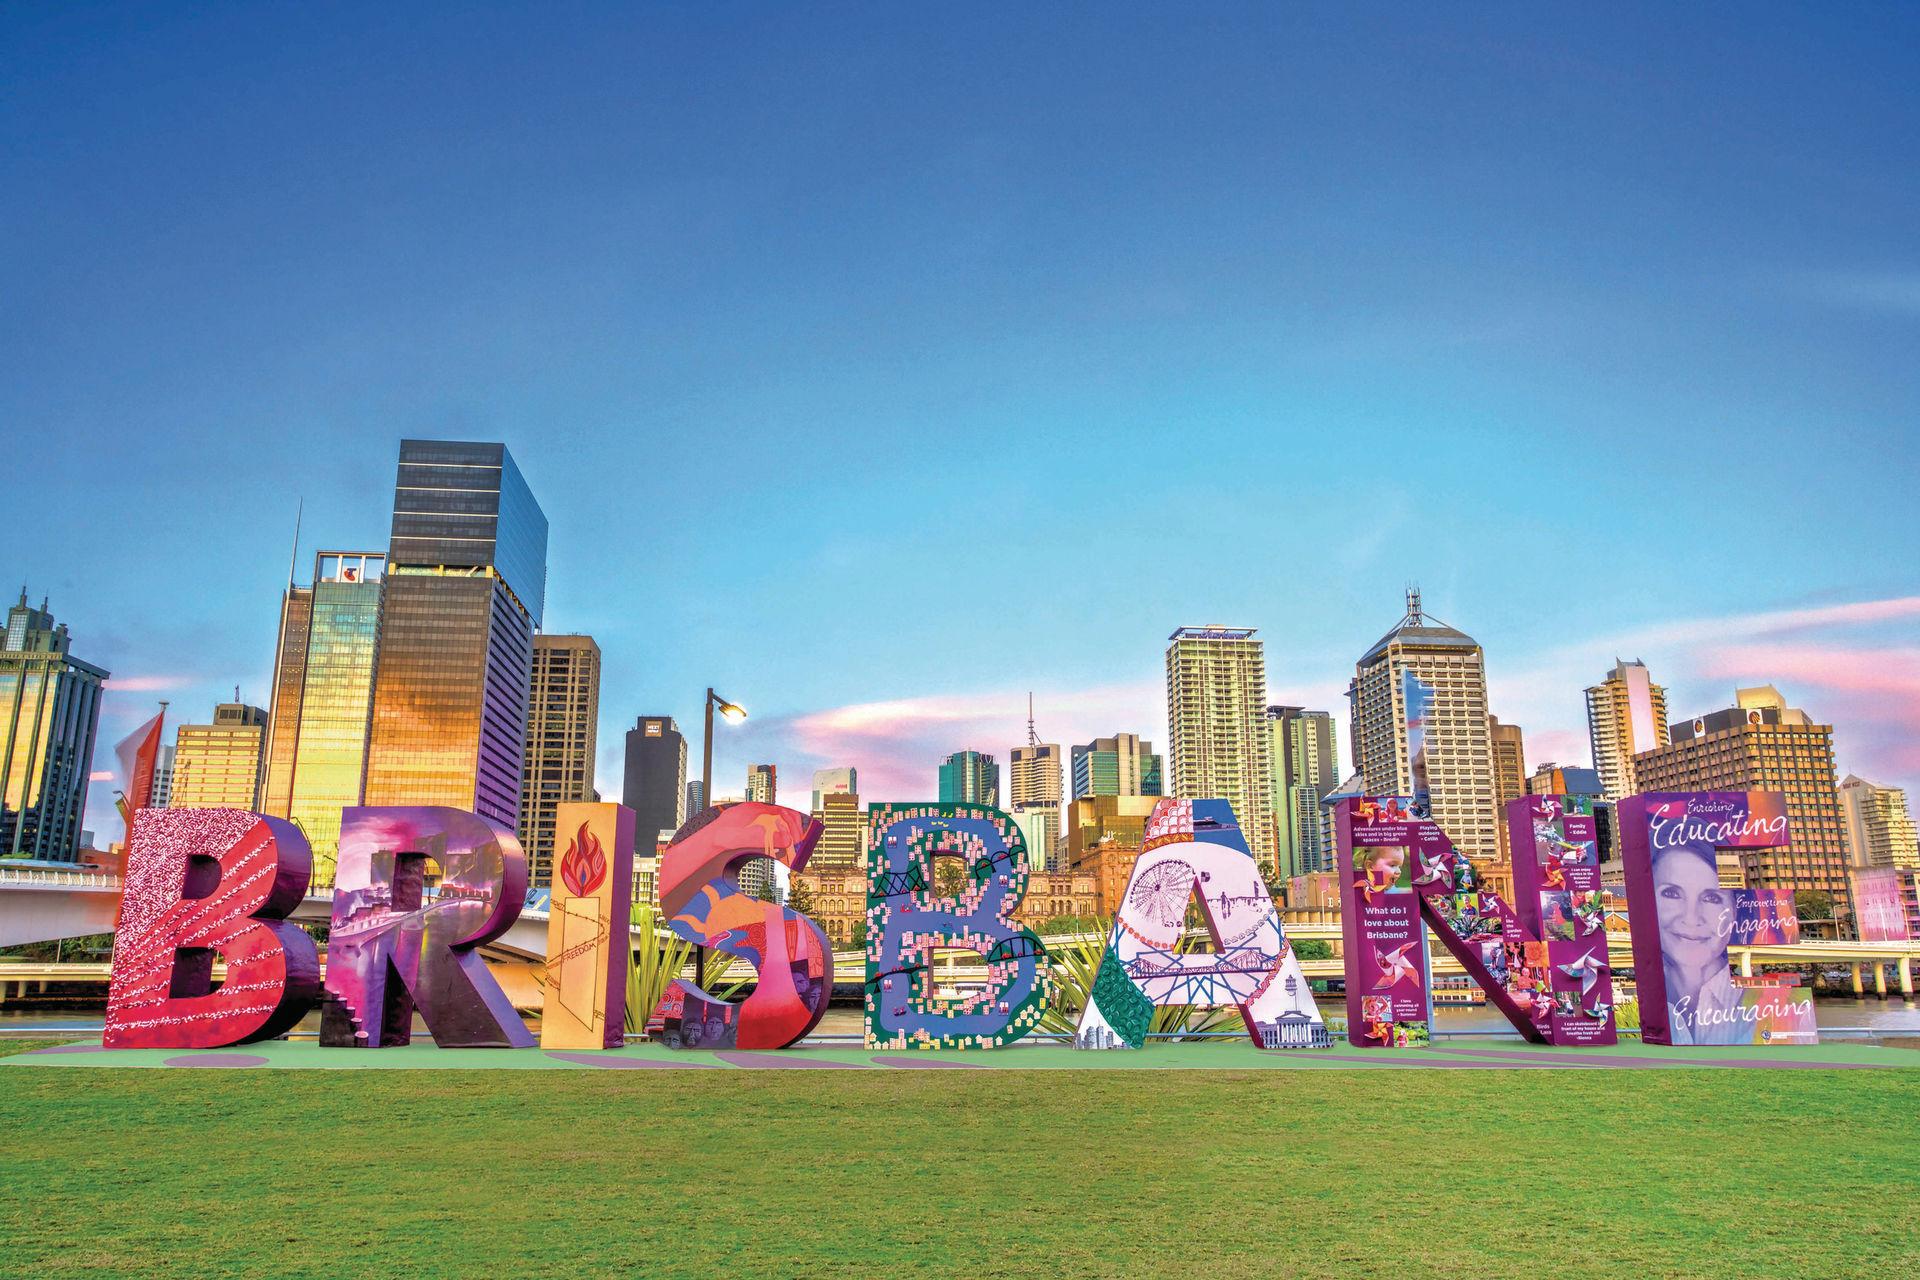 De kleurrijke letters van het plaatsje Brisbane aan de Oostkust van Australië.